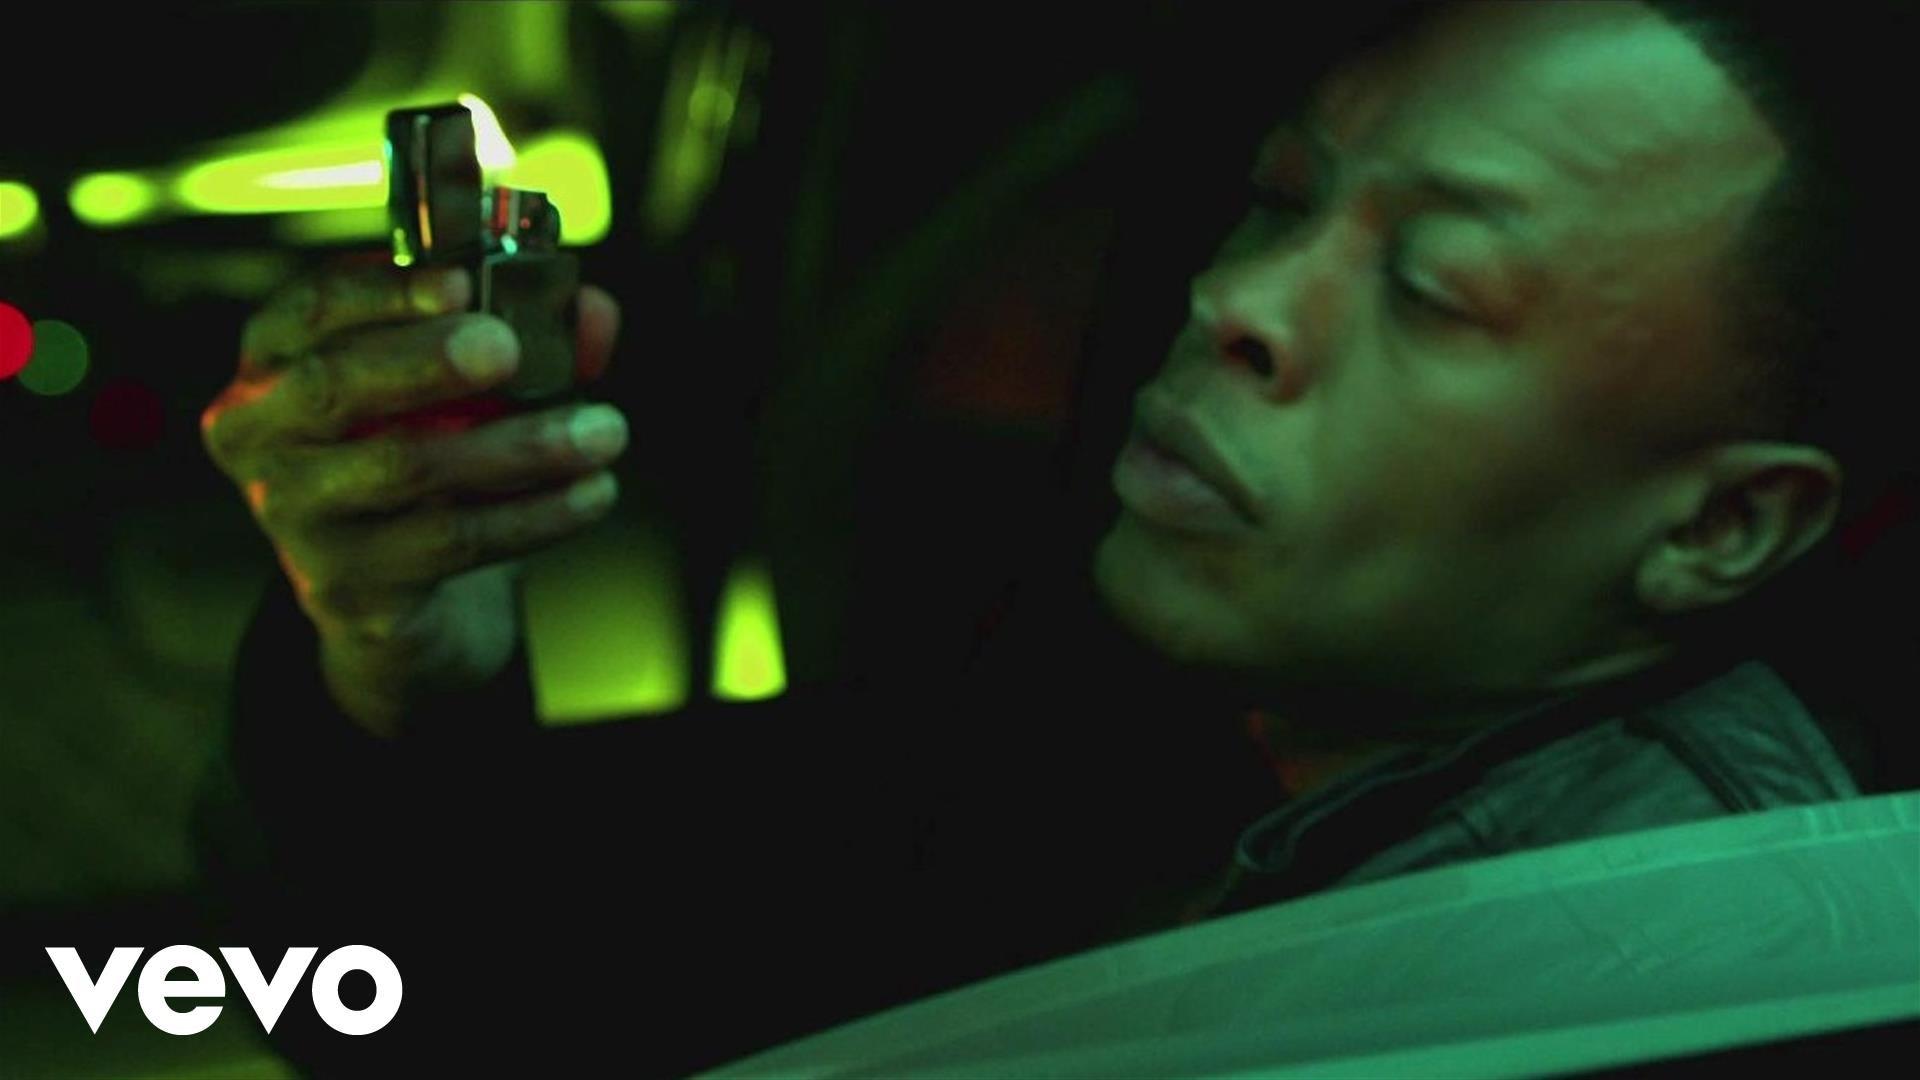 お蔵入りとなったDr. Dreの「Detox」が作業再開!?今までリークされた曲と未リリースDetoxのおさらい